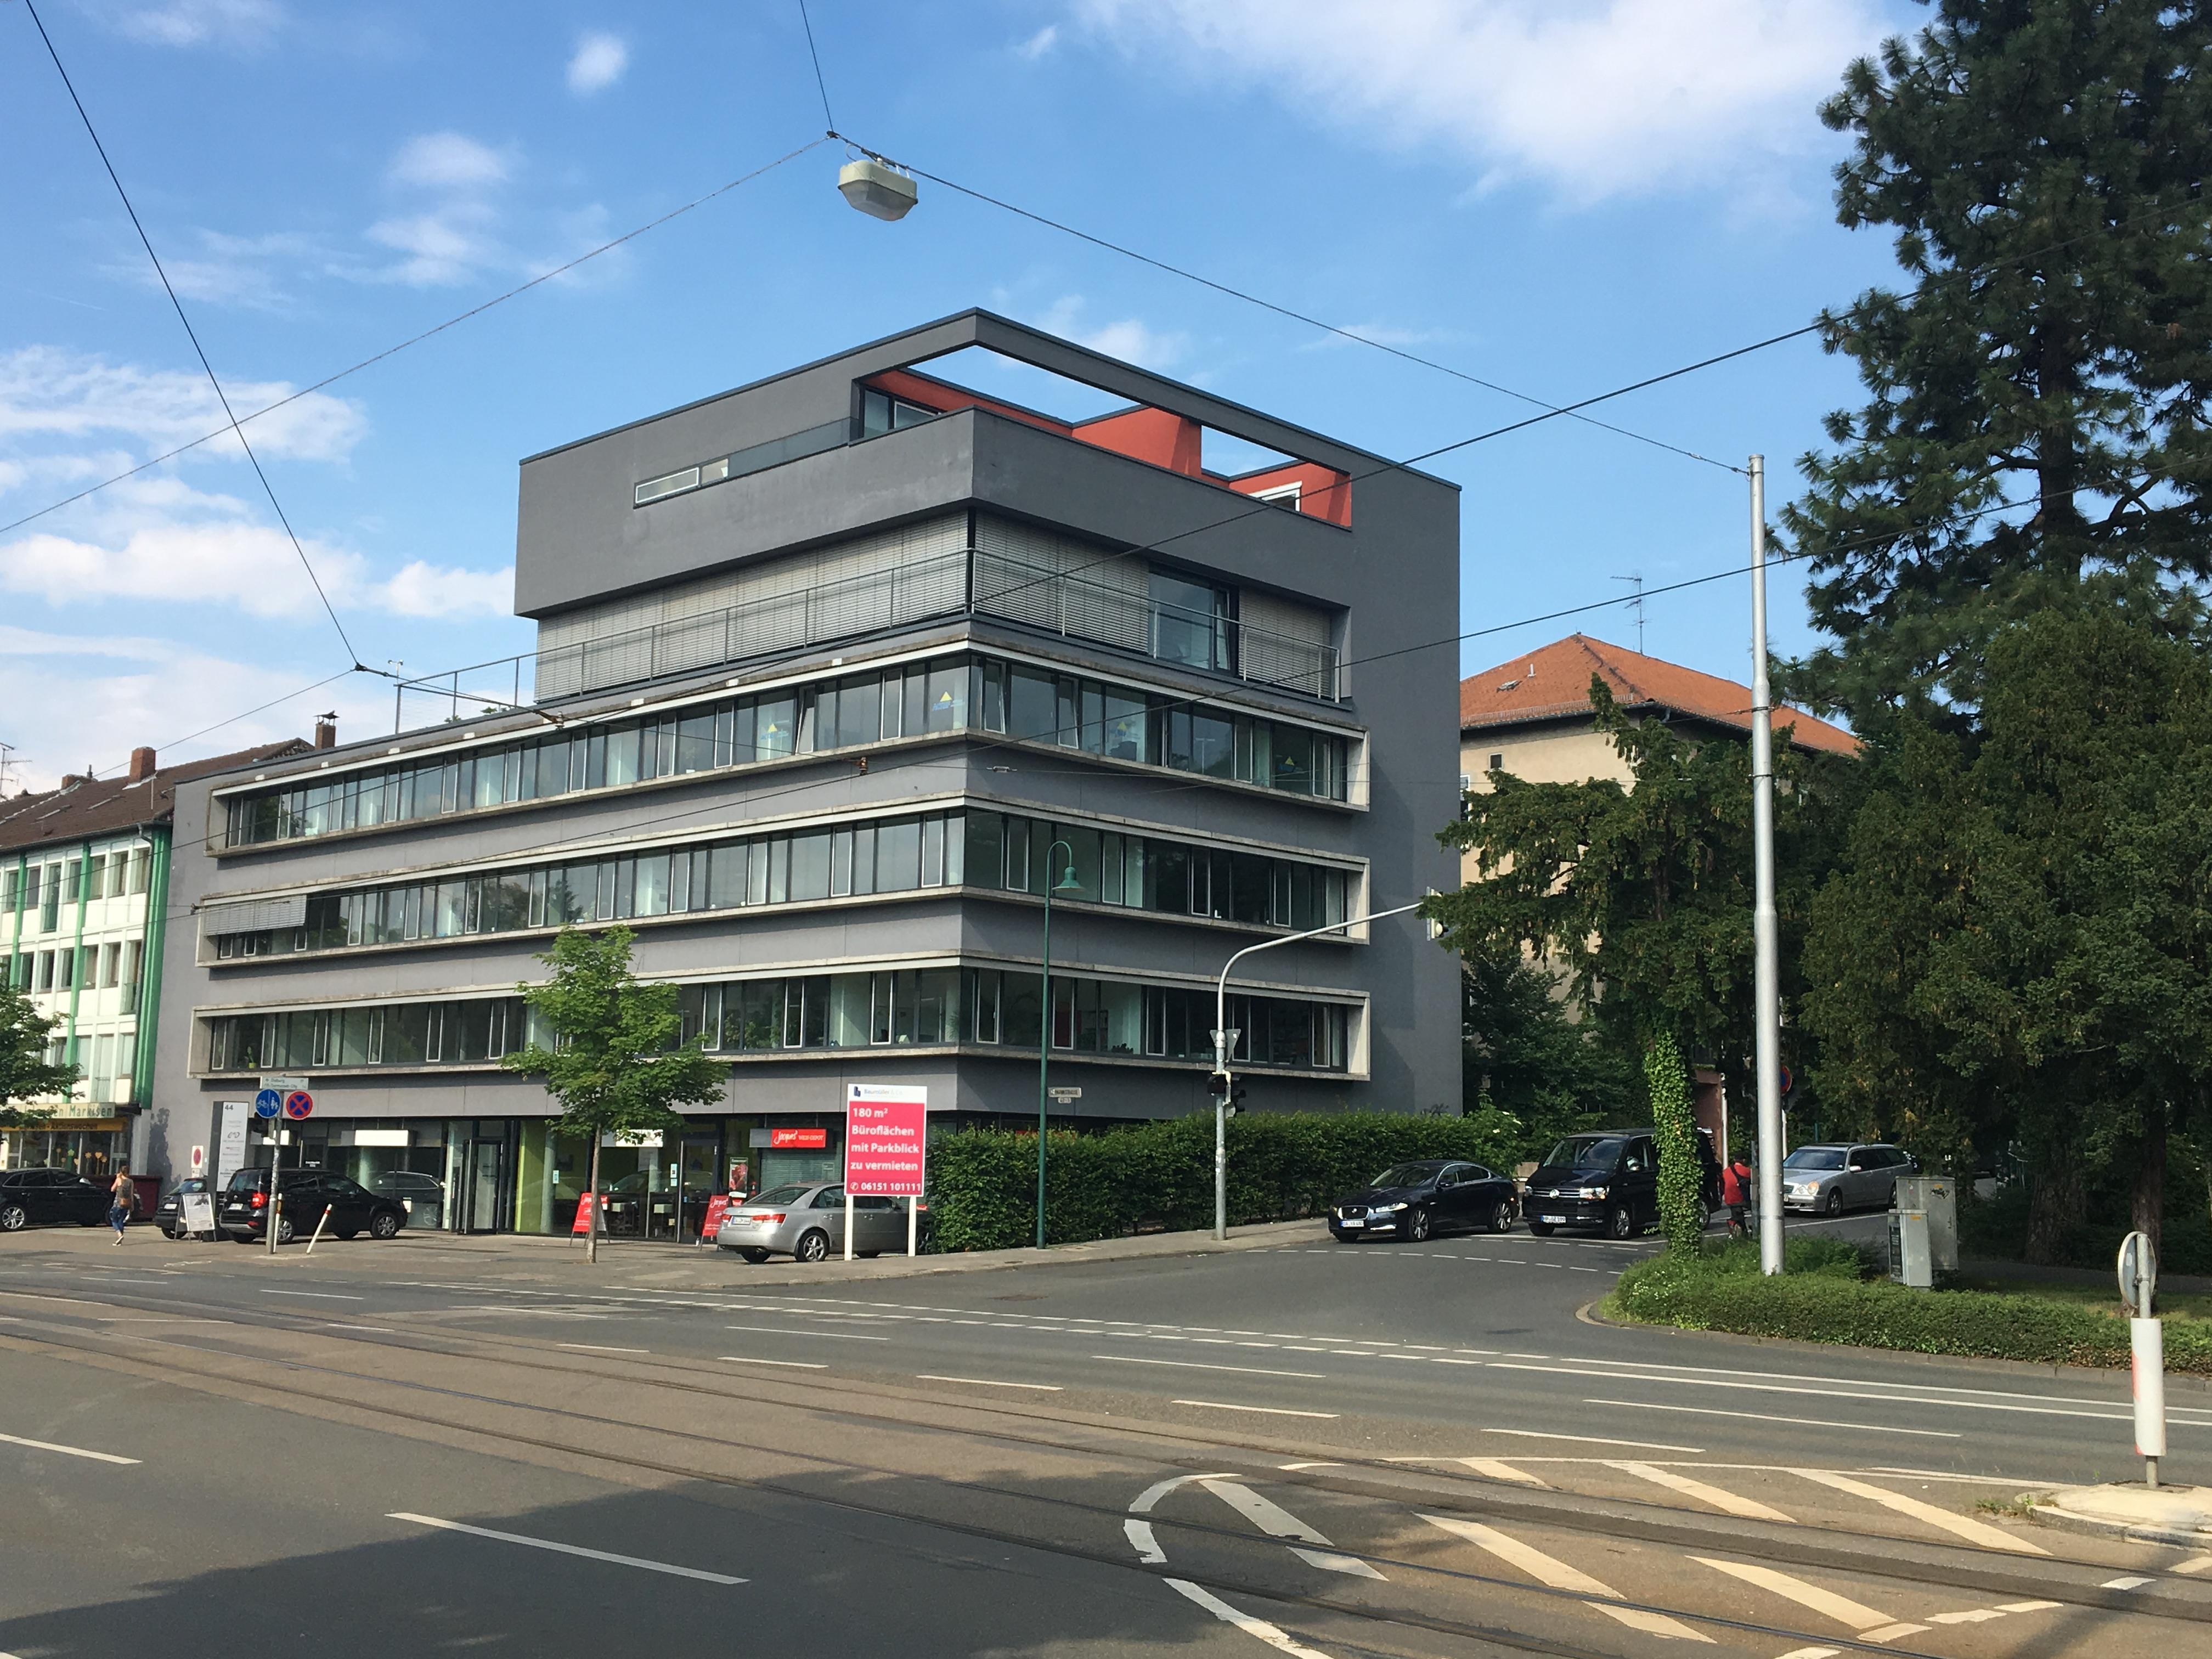 Actief personalmanagement darmstadt in darmstadt for Action darmstadt